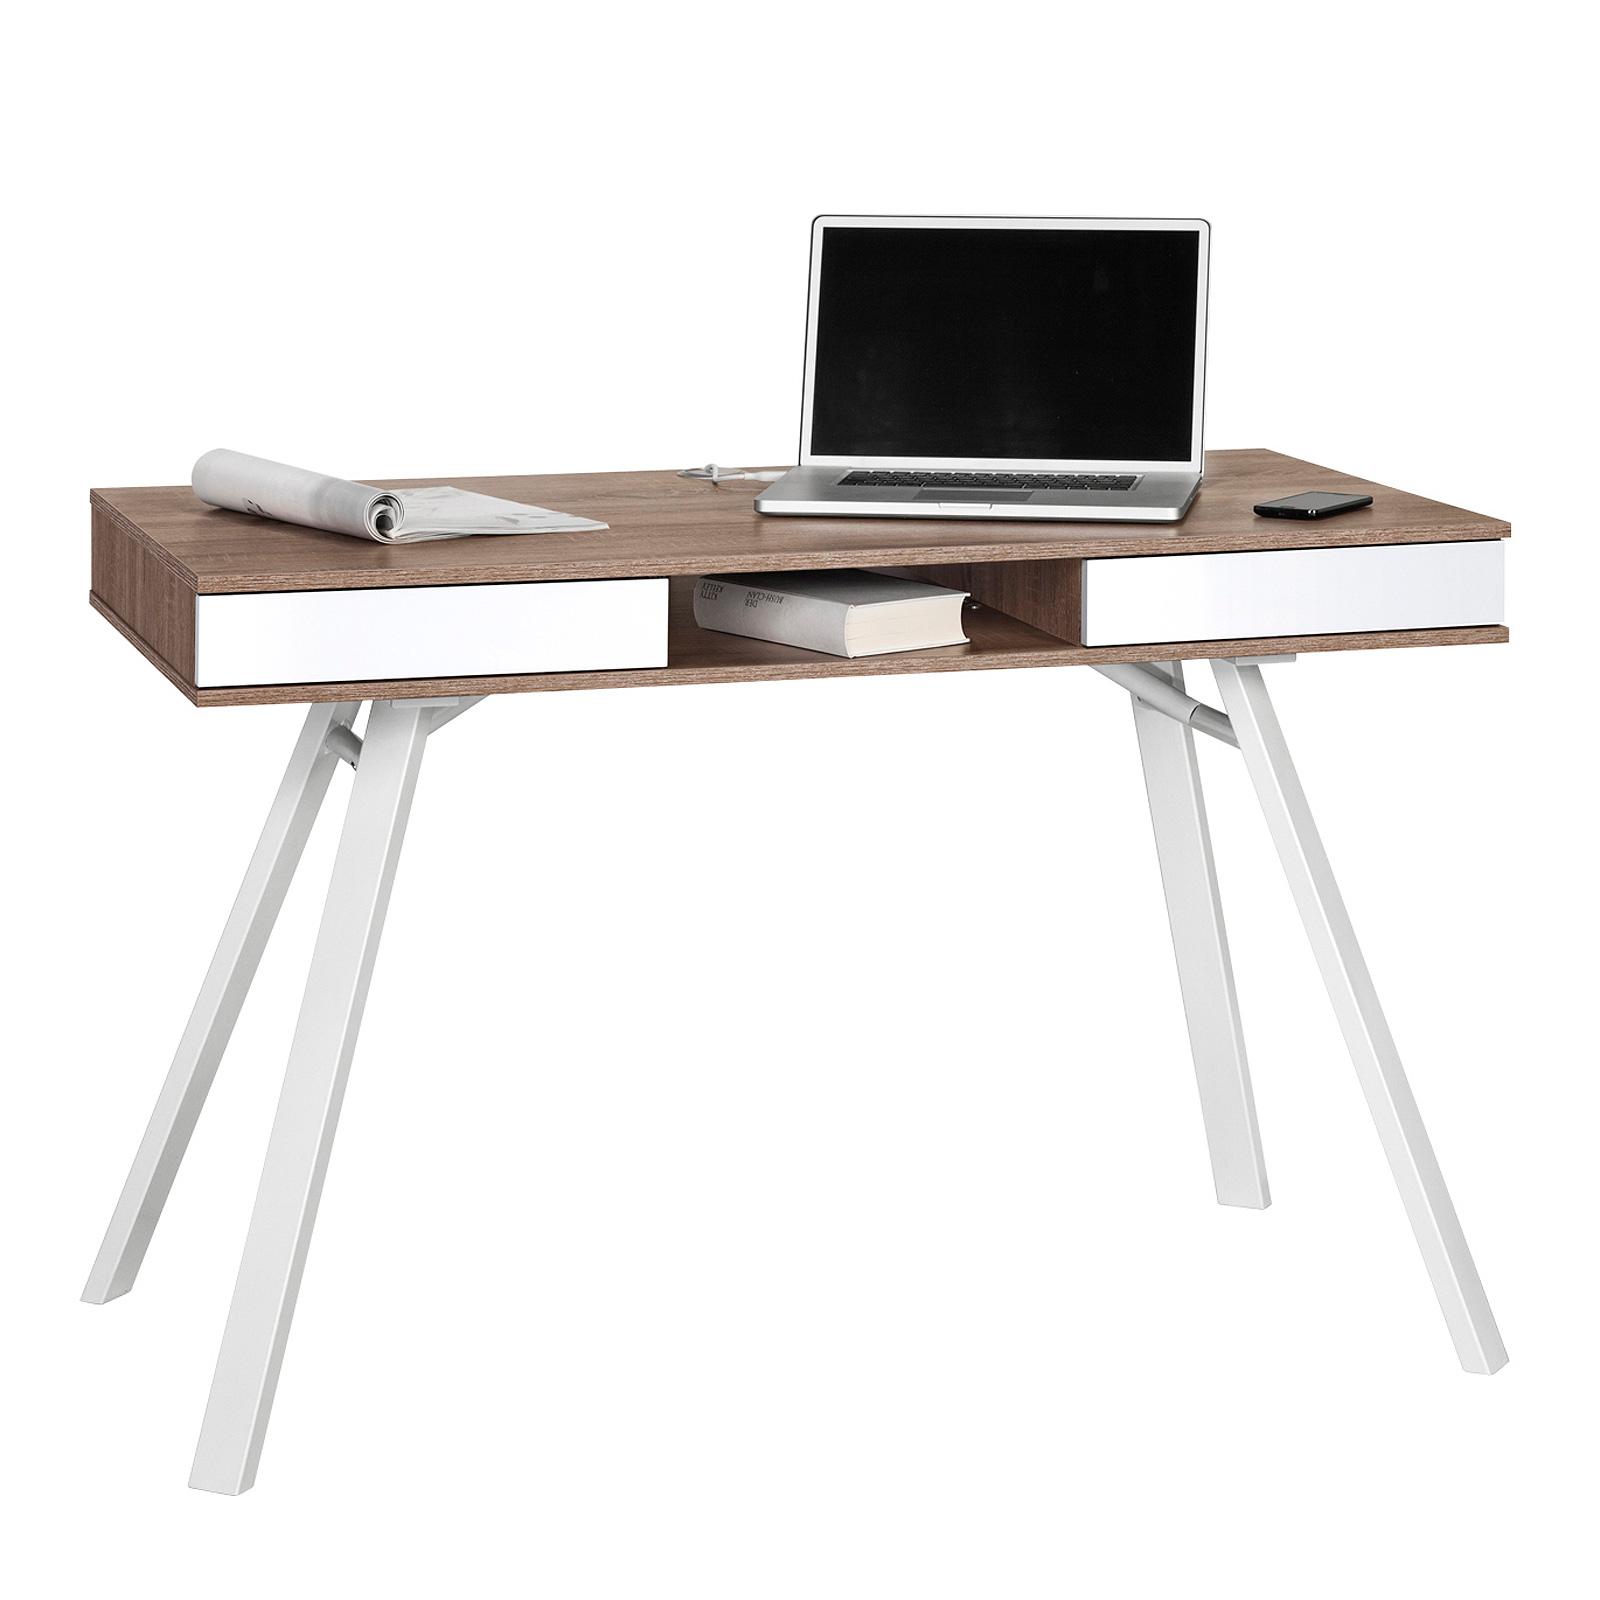 schreibtisch maja 4087 computertisch pc tisch b rotisch tisch farbauswahl ebay. Black Bedroom Furniture Sets. Home Design Ideas